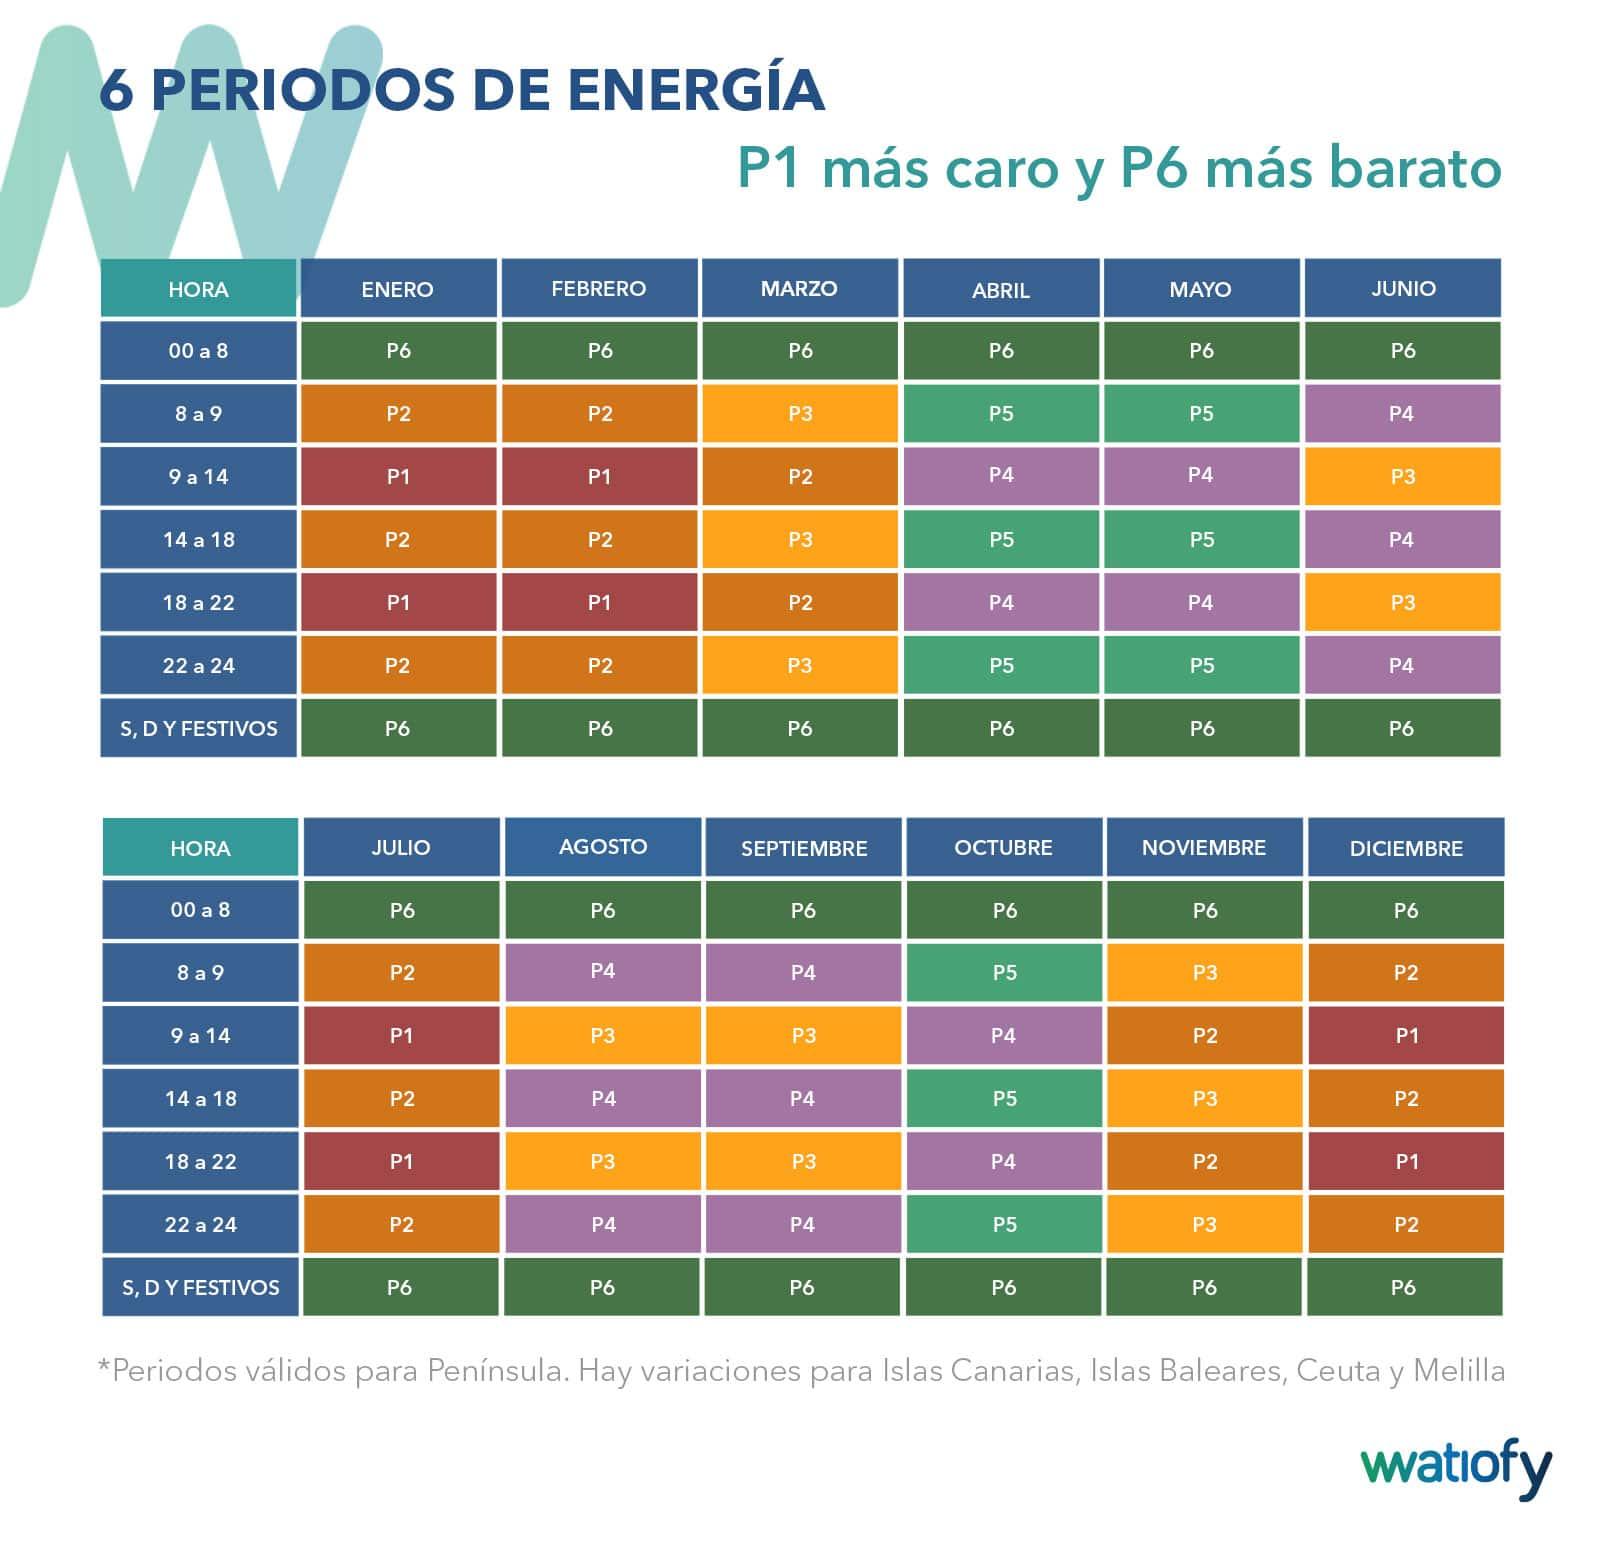 Periodos de energía tarifas 3.0TD y 6.XTD